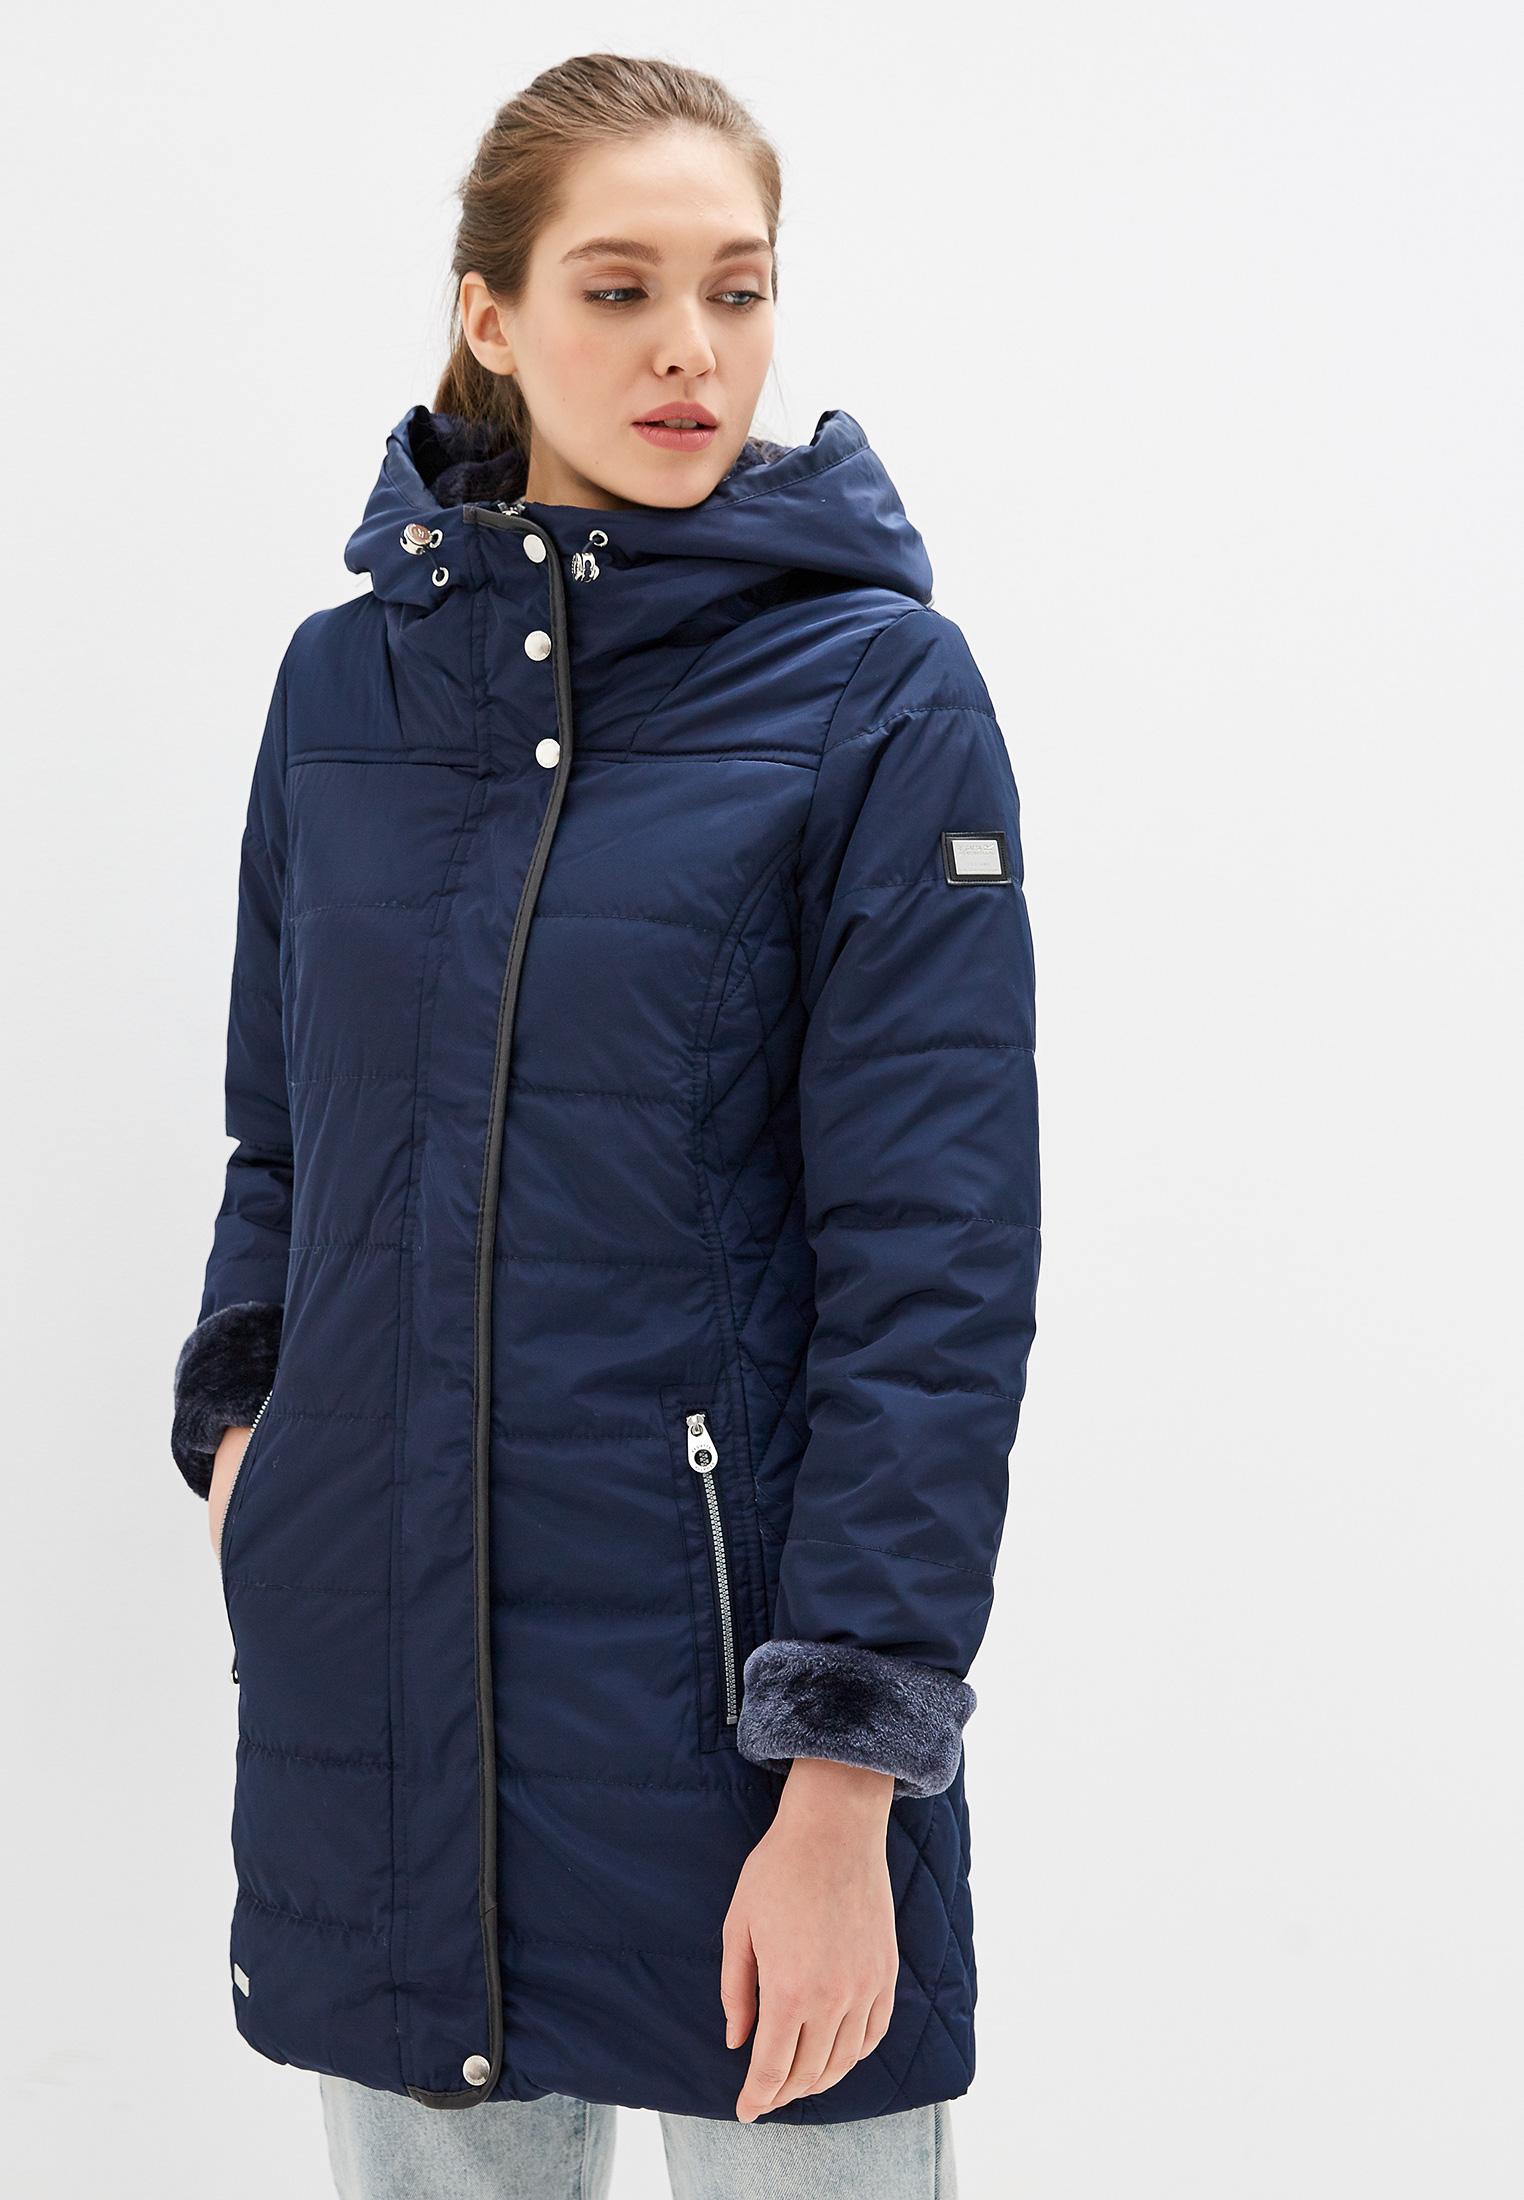 Куртка утепленная, Regatta, цвет: синий. Артикул: RE036EWFQUA1. Одежда / Верхняя одежда